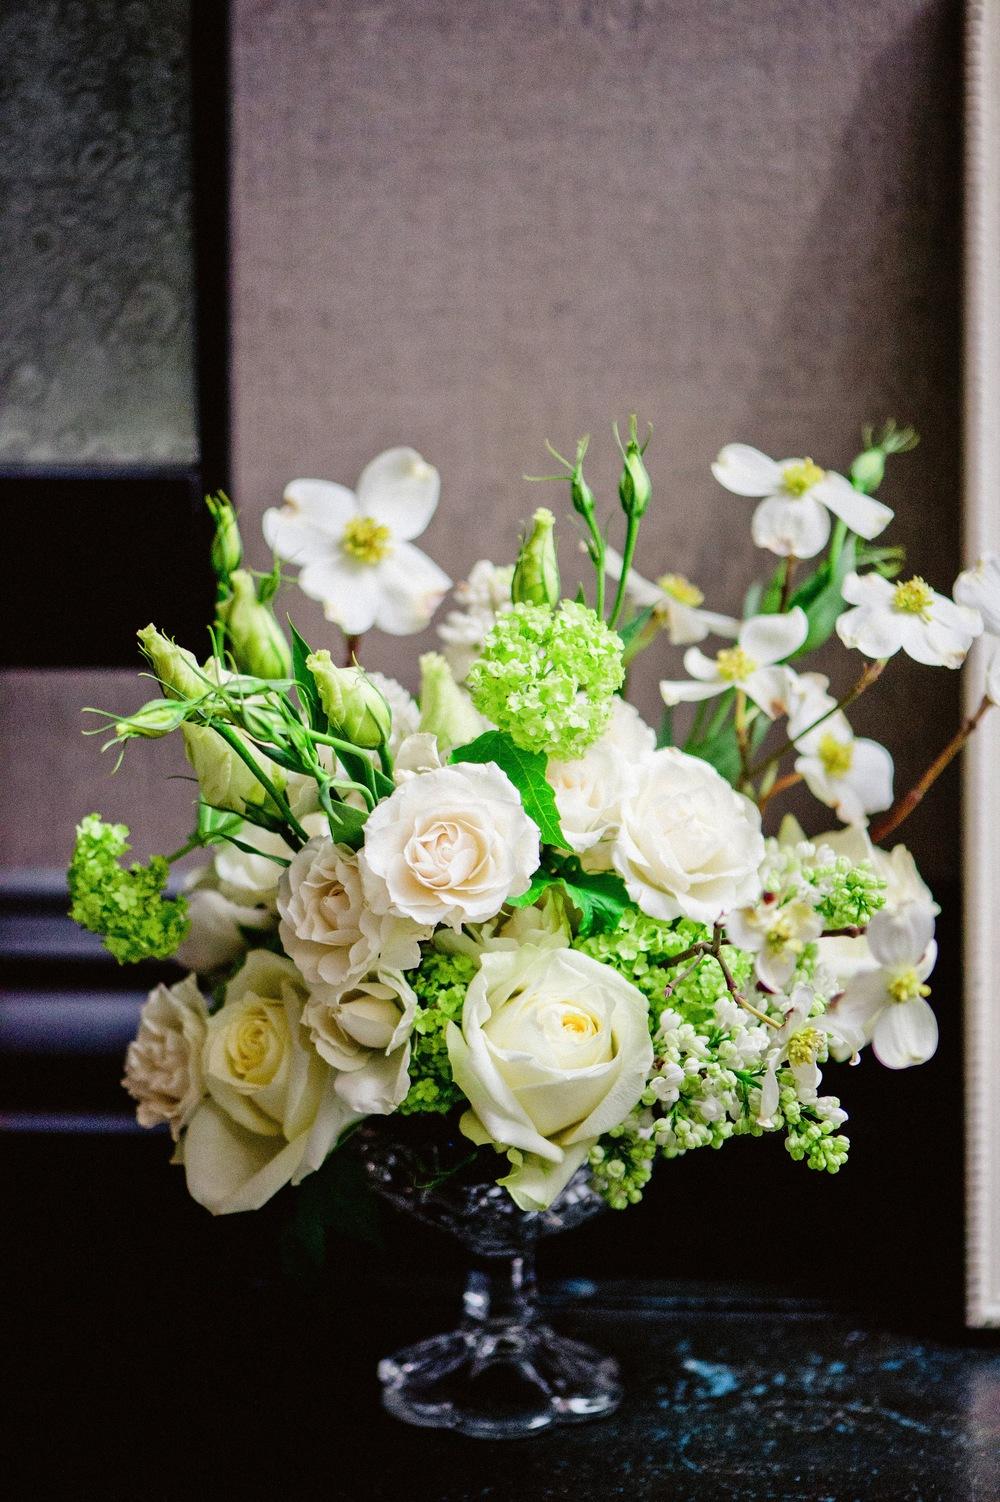 Flowers by Fleur Inc, photo by Amanda Megan Miller, wedding with Jayne Weddings